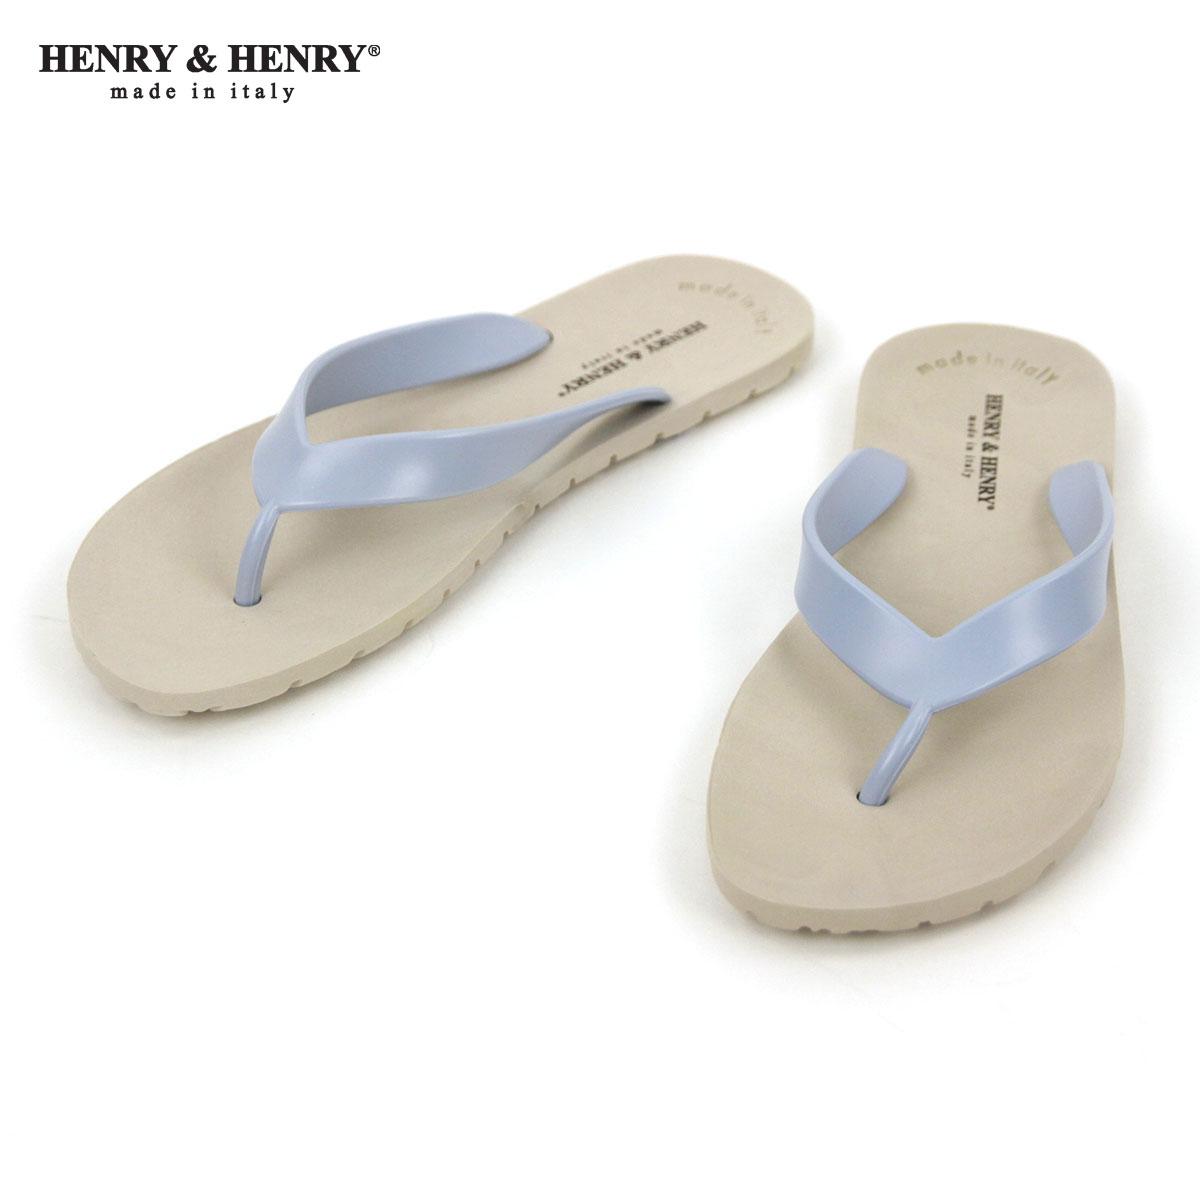 ヘンリーアンドヘンリー HENRY&HENRY 正規販売店 サンダル フリッパー FRIPPER SANDAL BEIGE / SKY 45/46 A66B B3C C4D D3E E05F